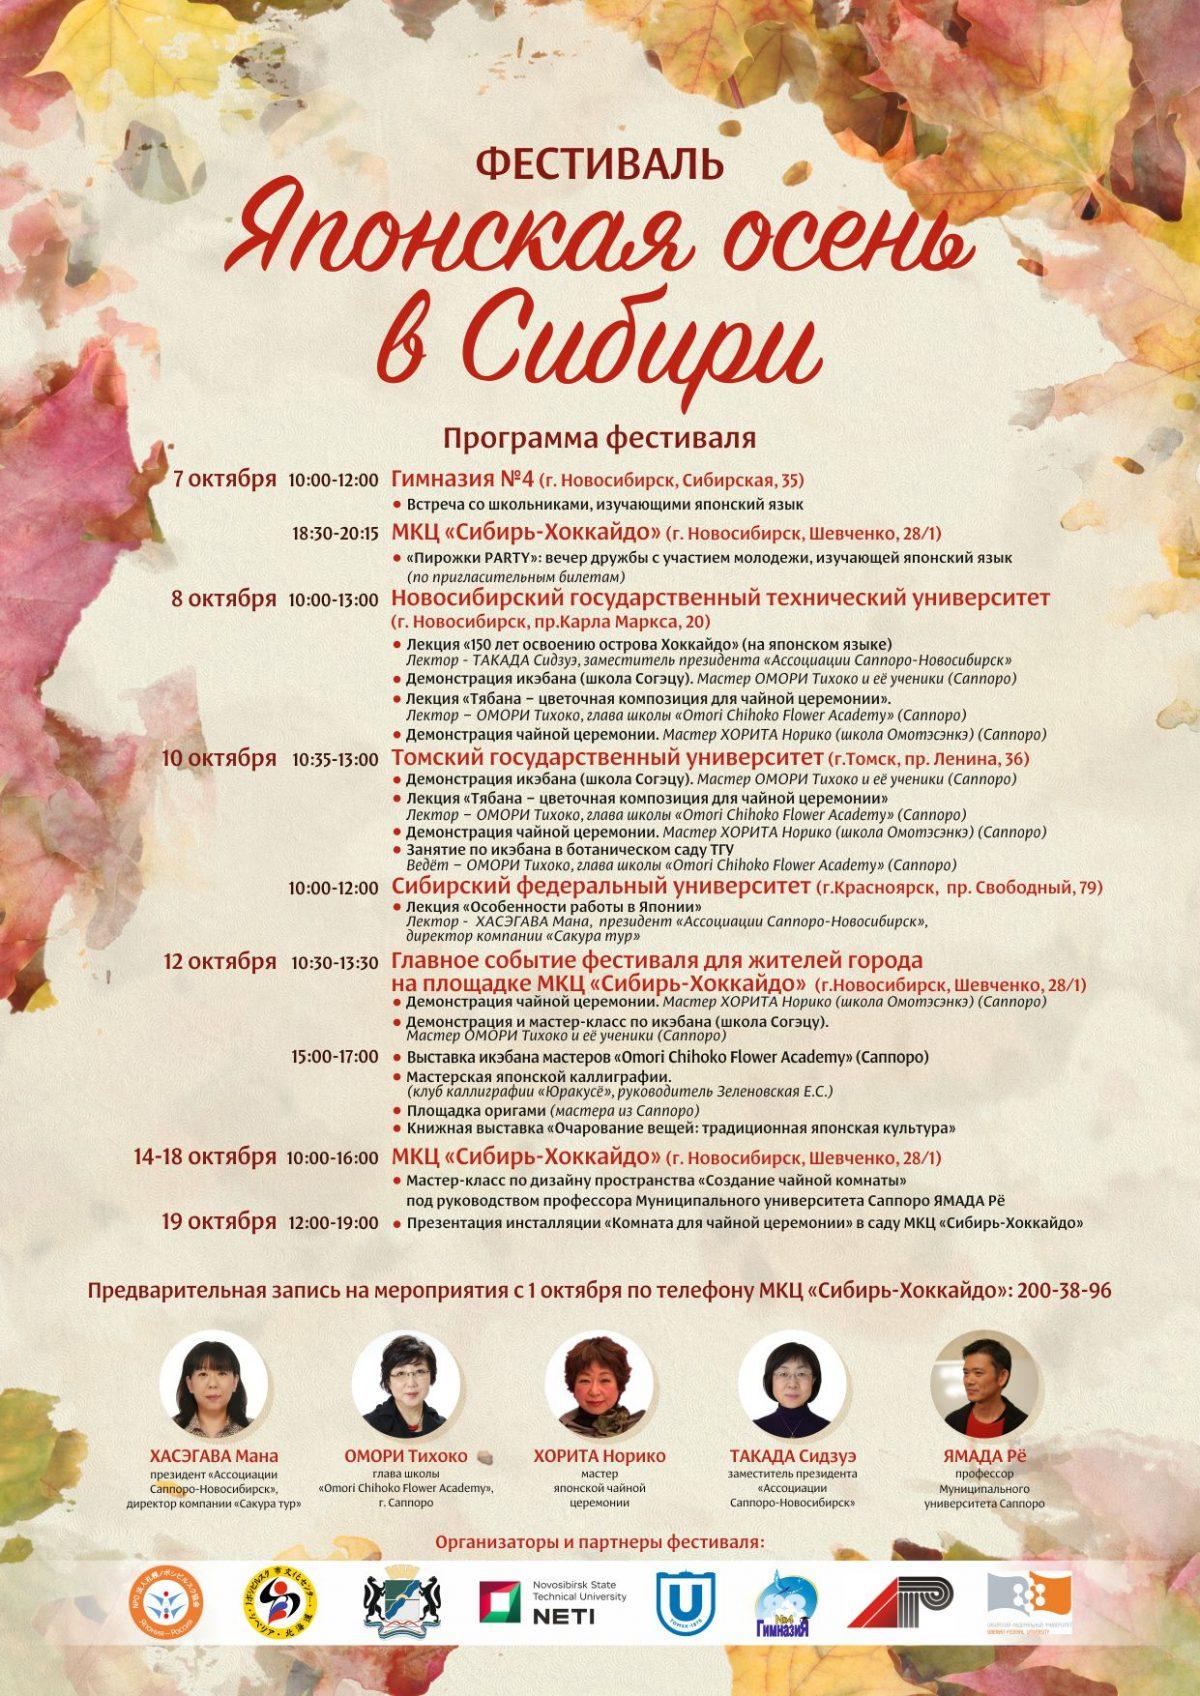 Фестиваль Японская осень в Сибири